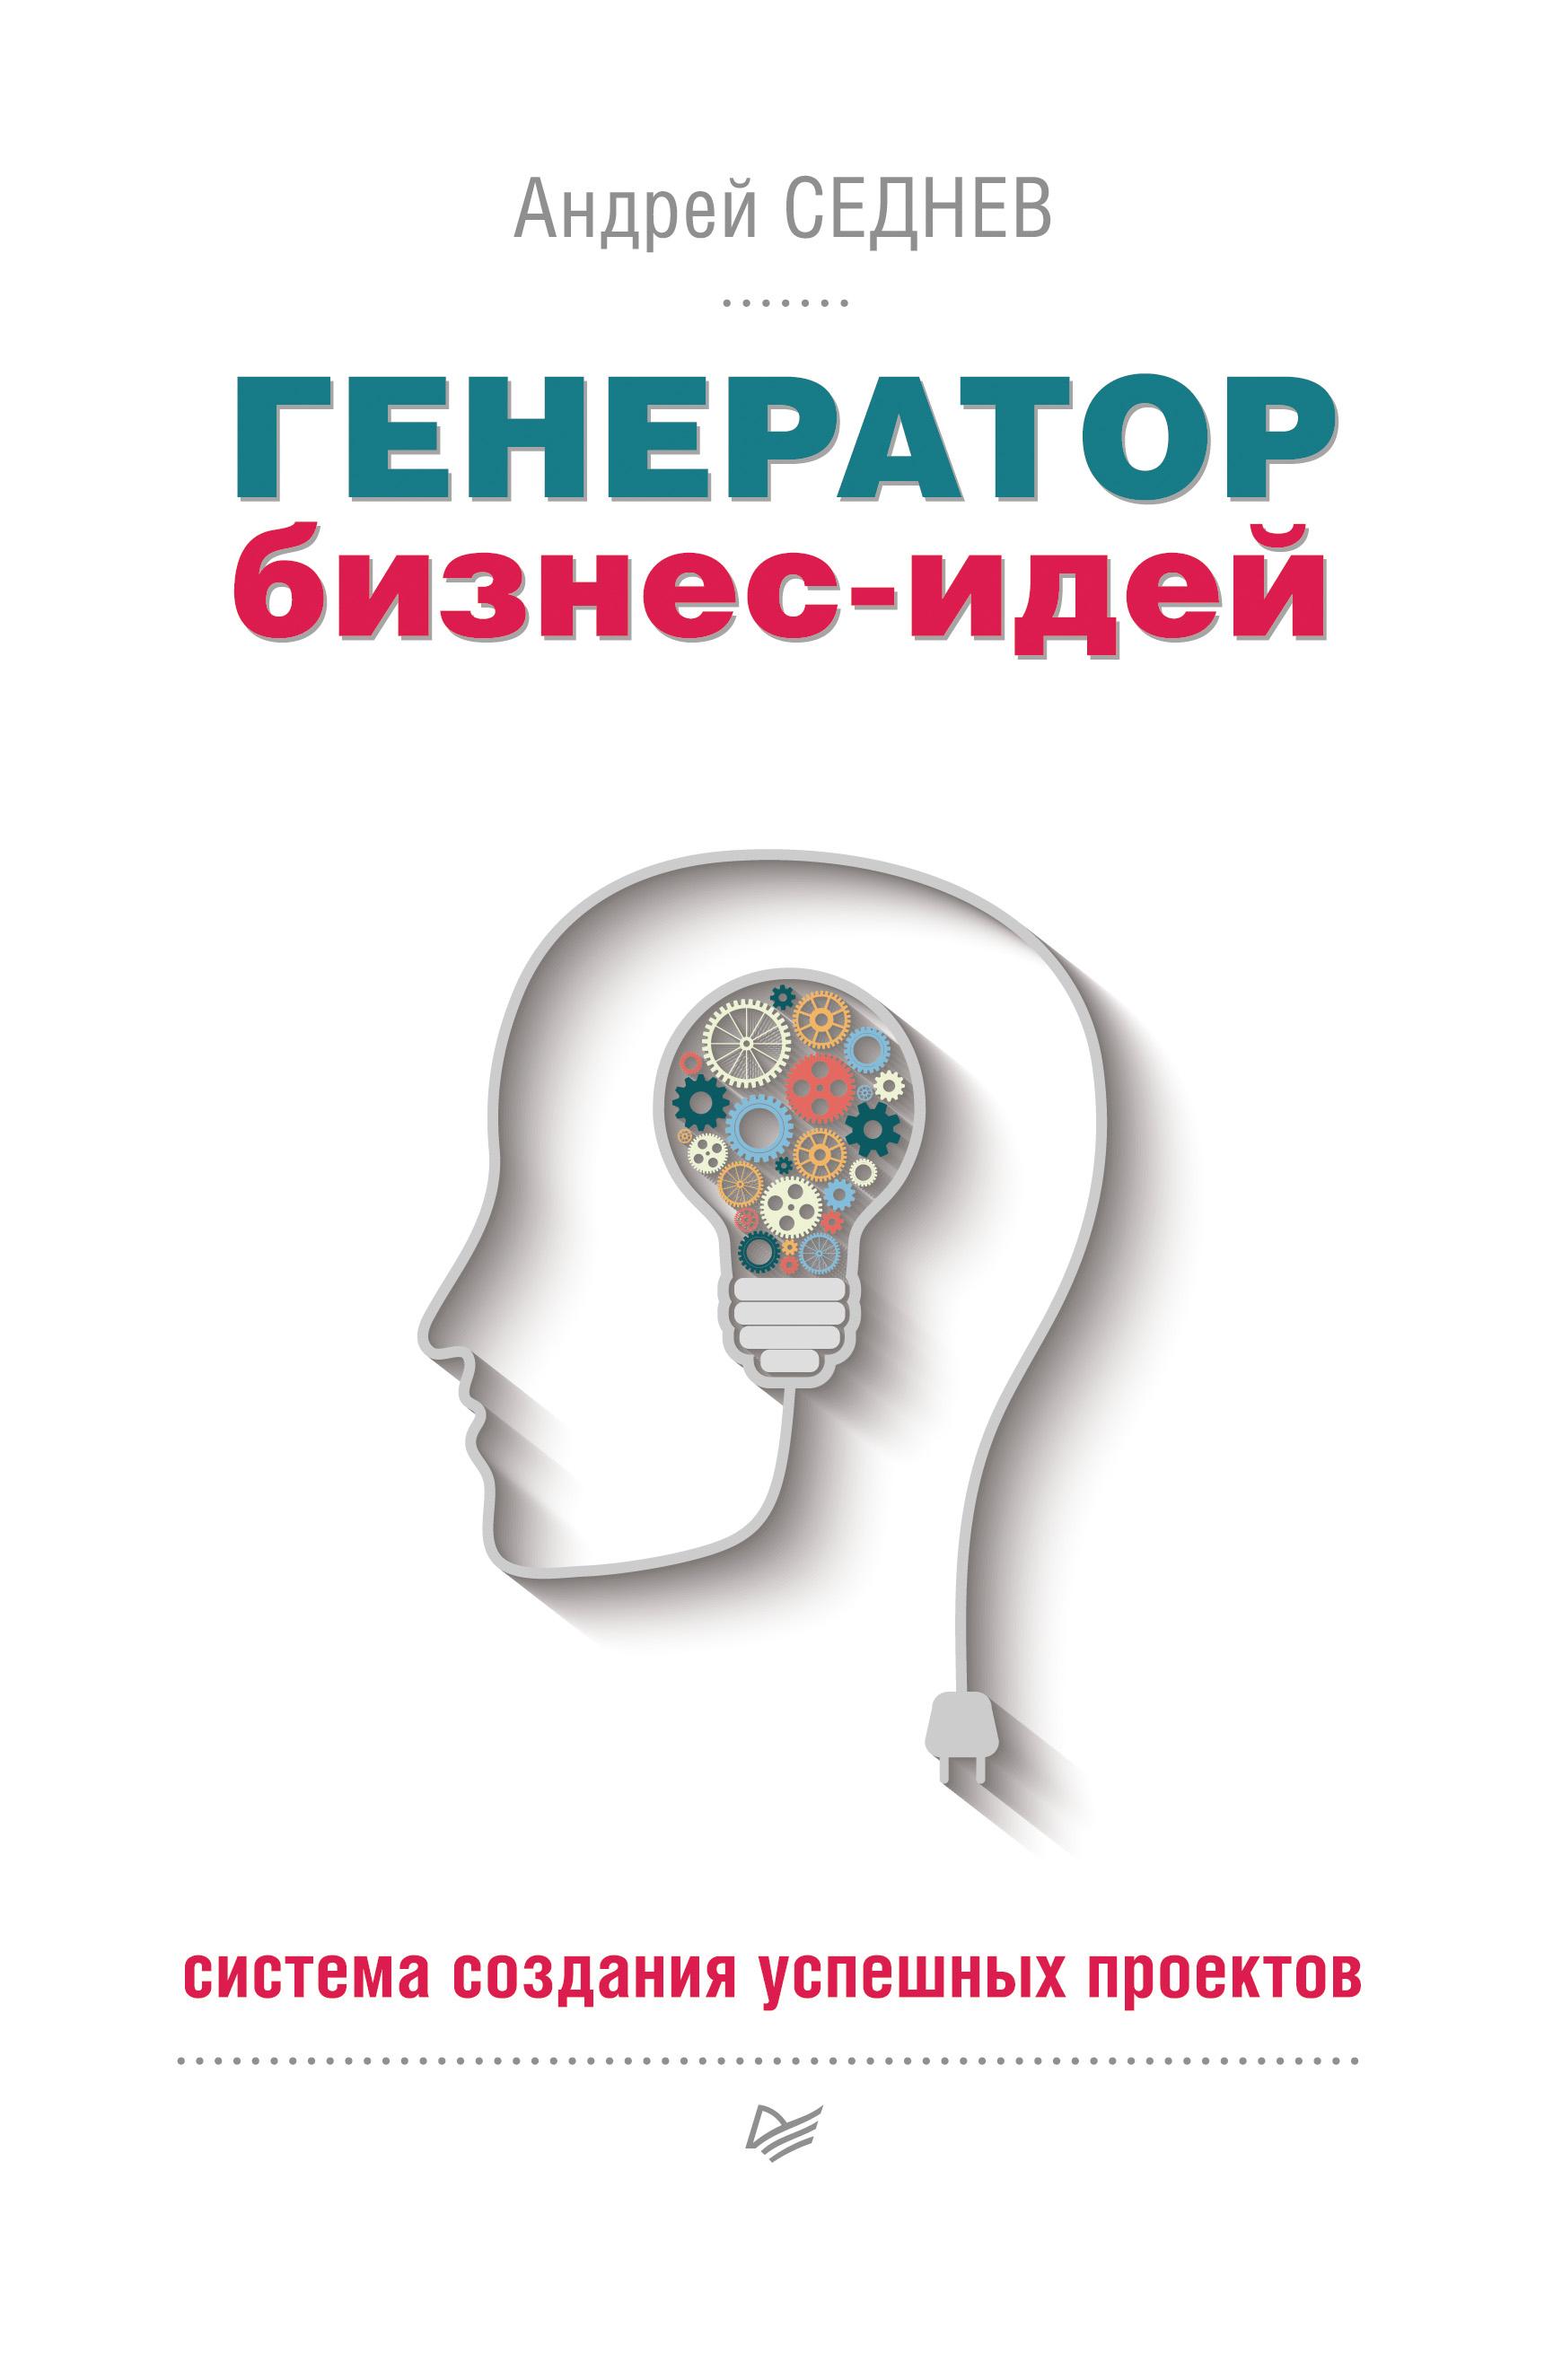 Андрей Седнев Генератор бизнес-идей. Система создания успешных проектов петров в простейшие приемы изобретательства общие принципы получения идей 4 способа получения новых идей